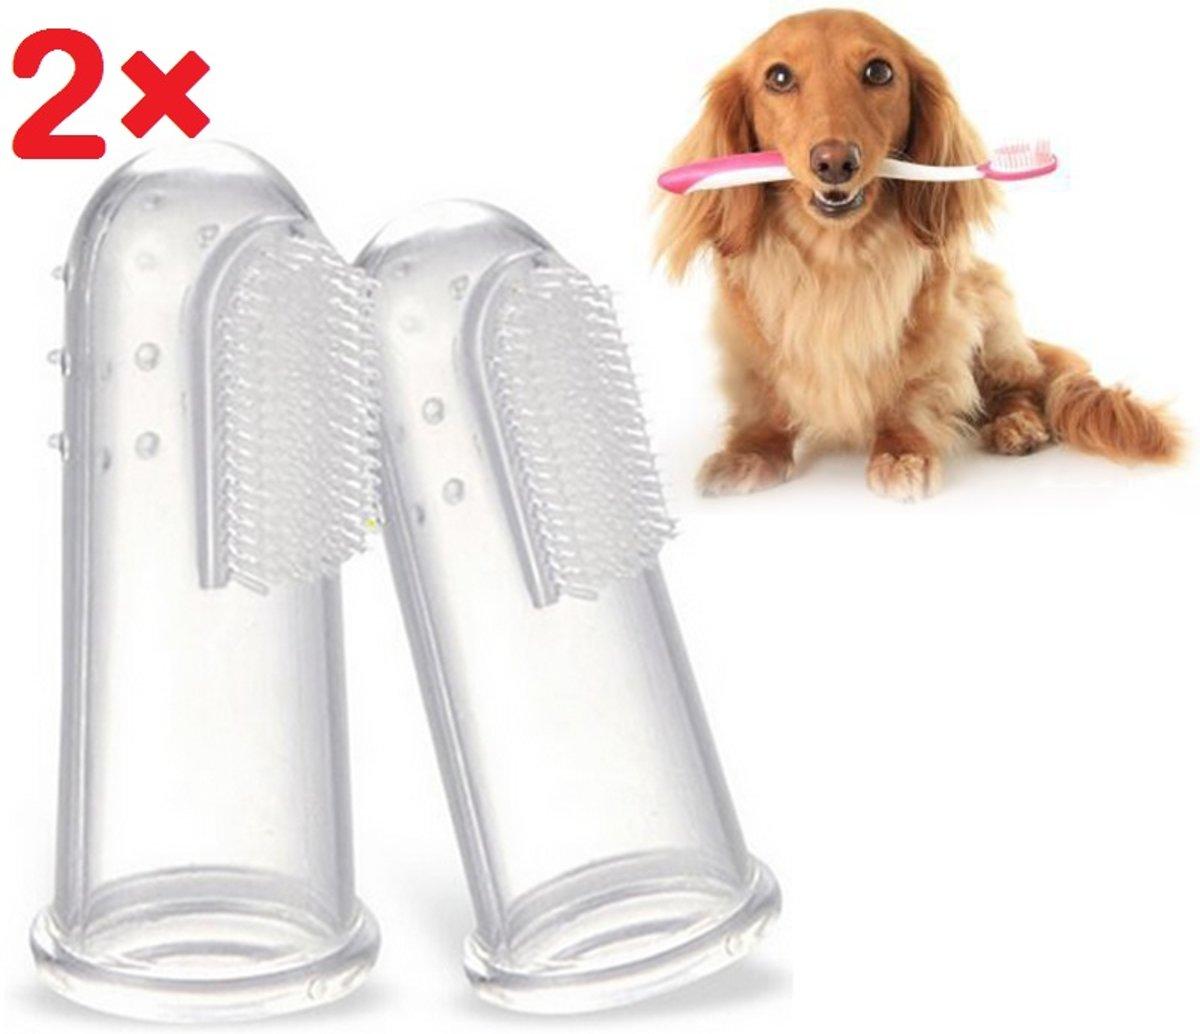 Dieren tandenborstel - vingertandenborstel- huisdier  - honden - katten - gezondheid - poetsen - tandvlees - dieren verzorging - huisdieren tandenborstel kopen